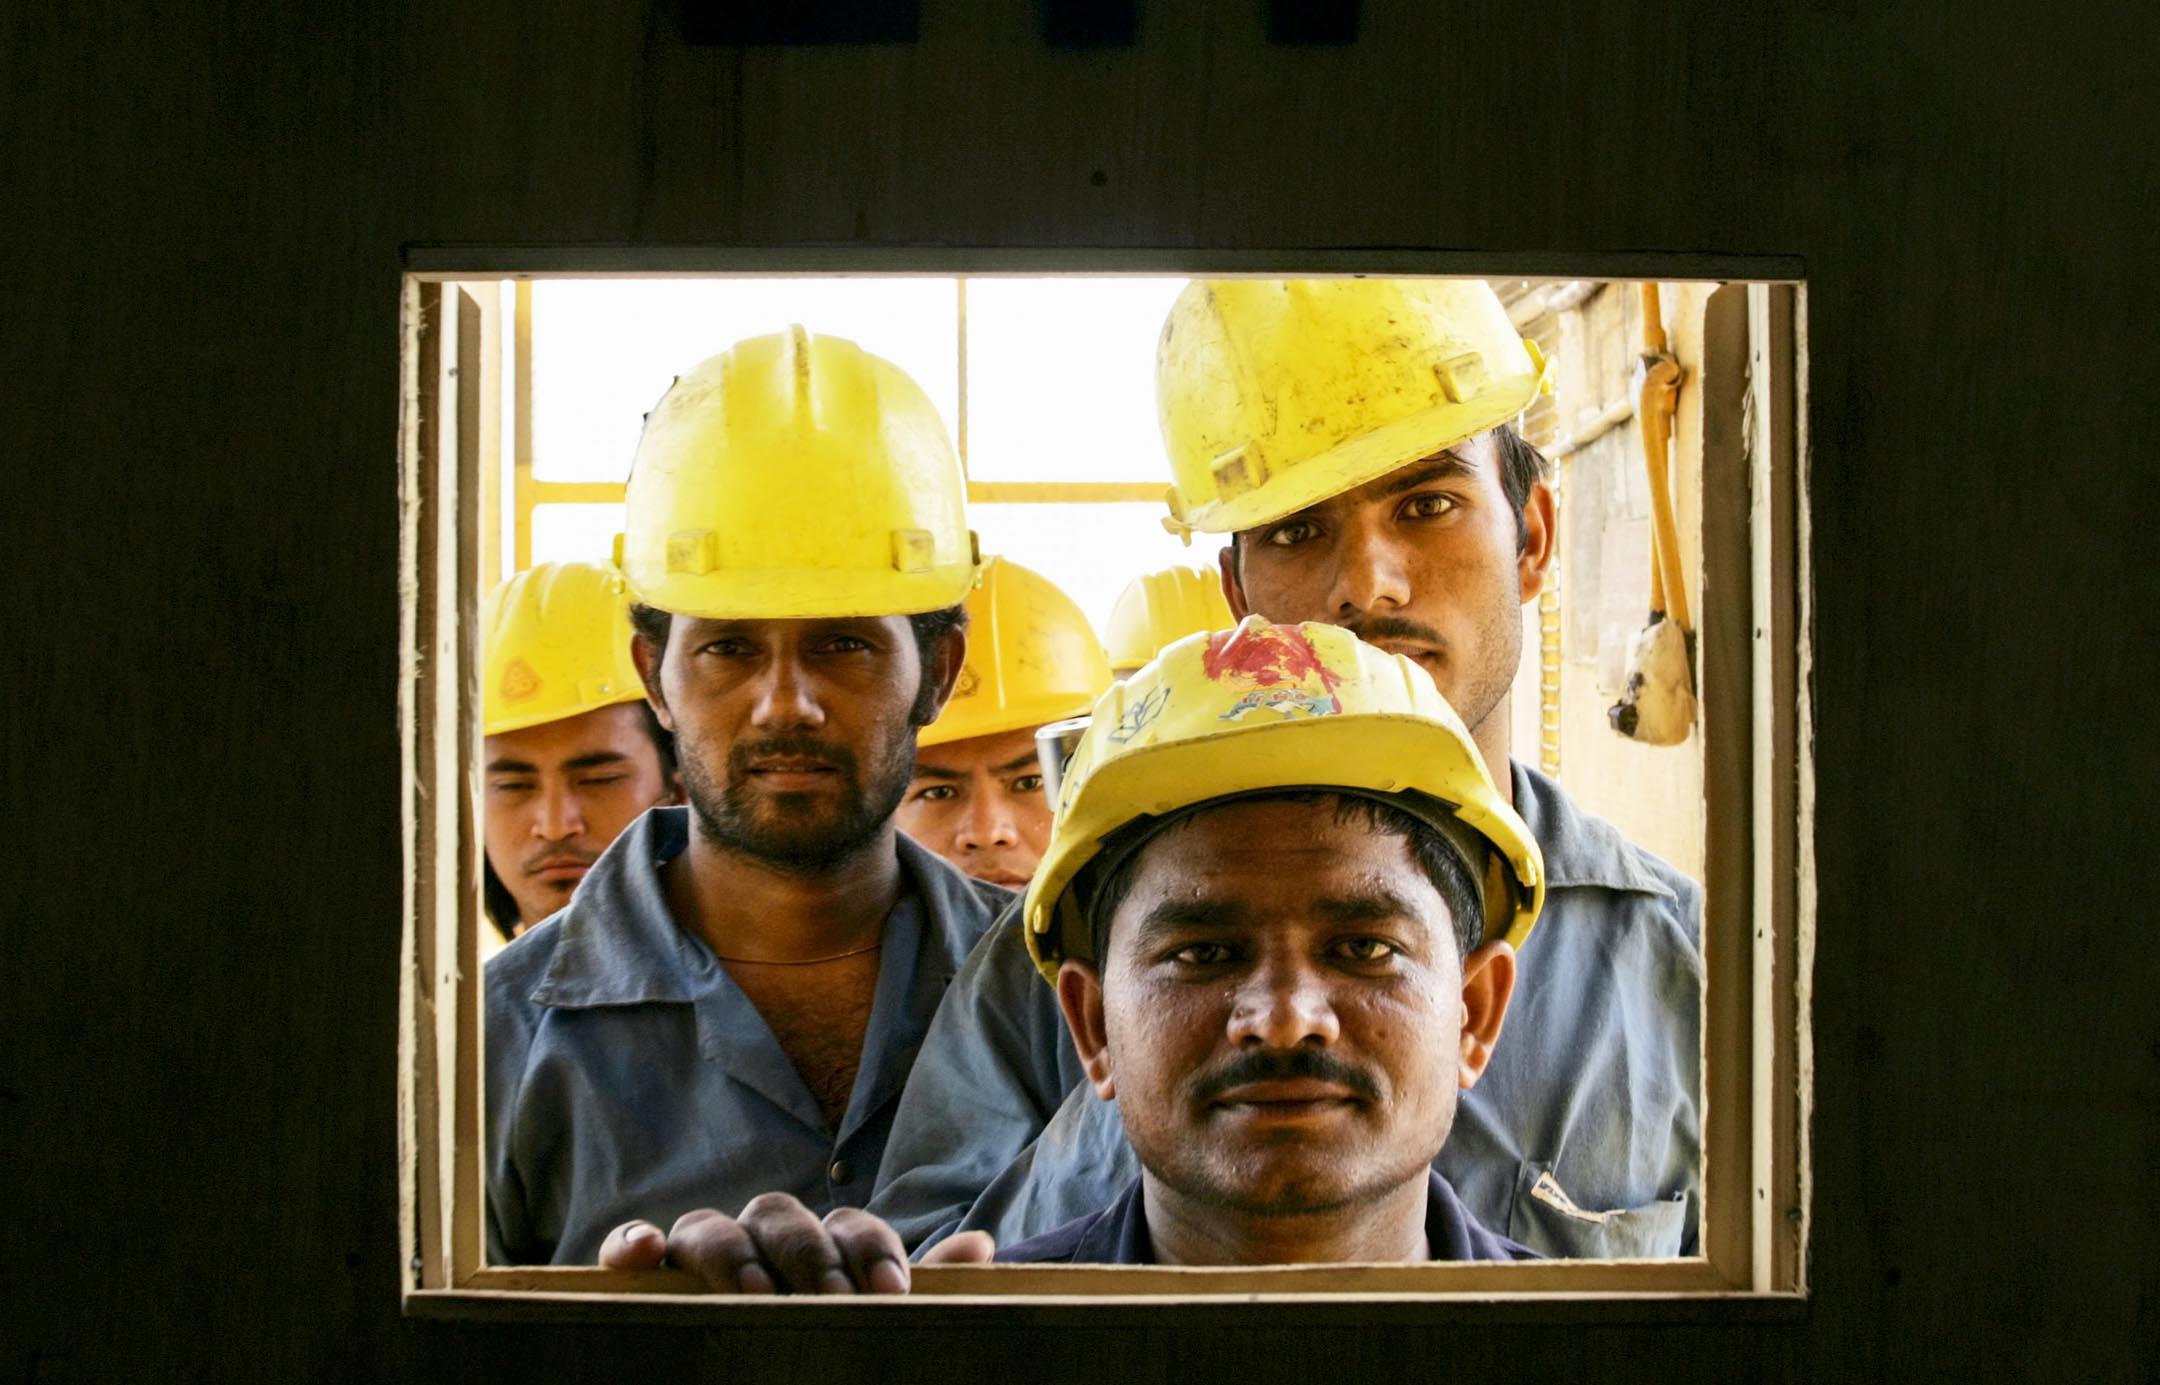 卡塔爾人只有32萬人。剩下的200多萬居民,都是來自別國的「外籍務工人員」。